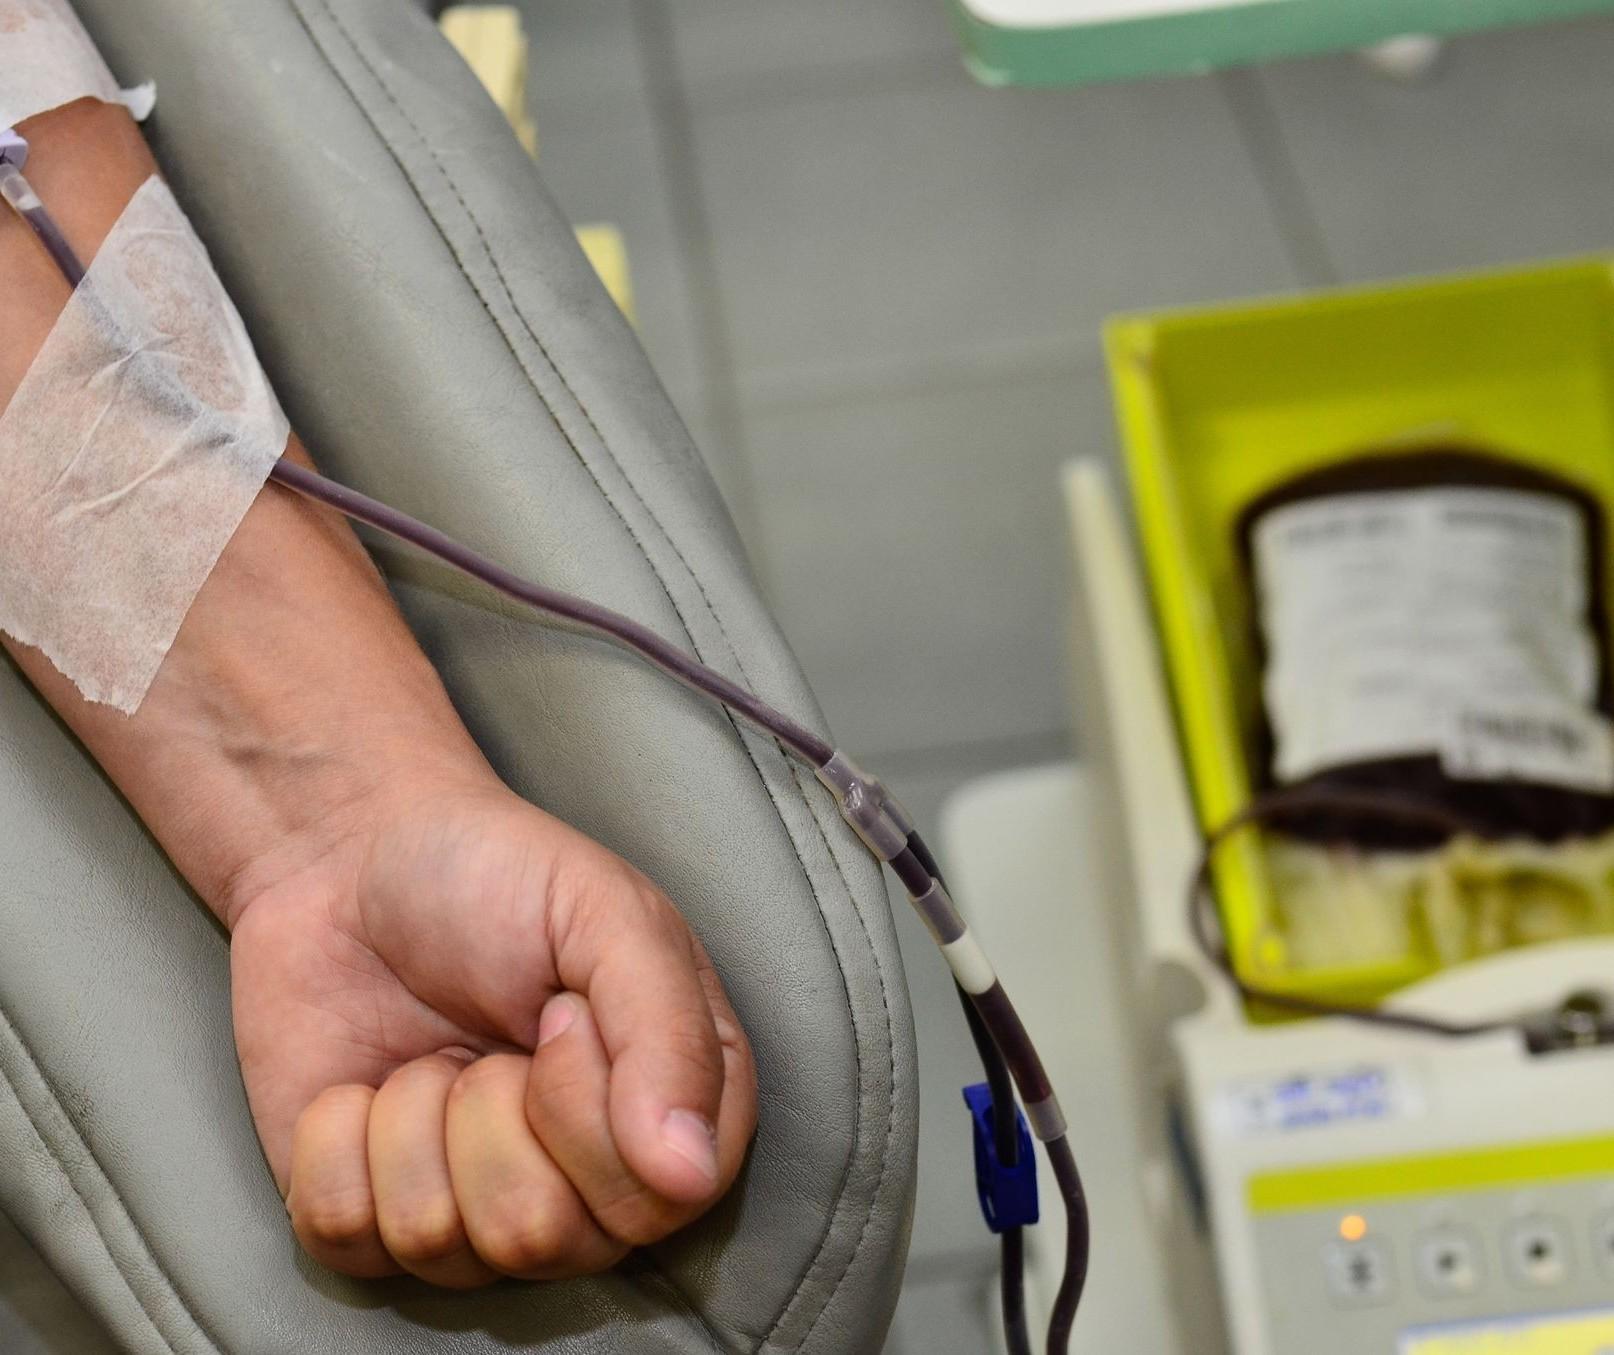 Banco de Sangue Maringá precisa de doadores